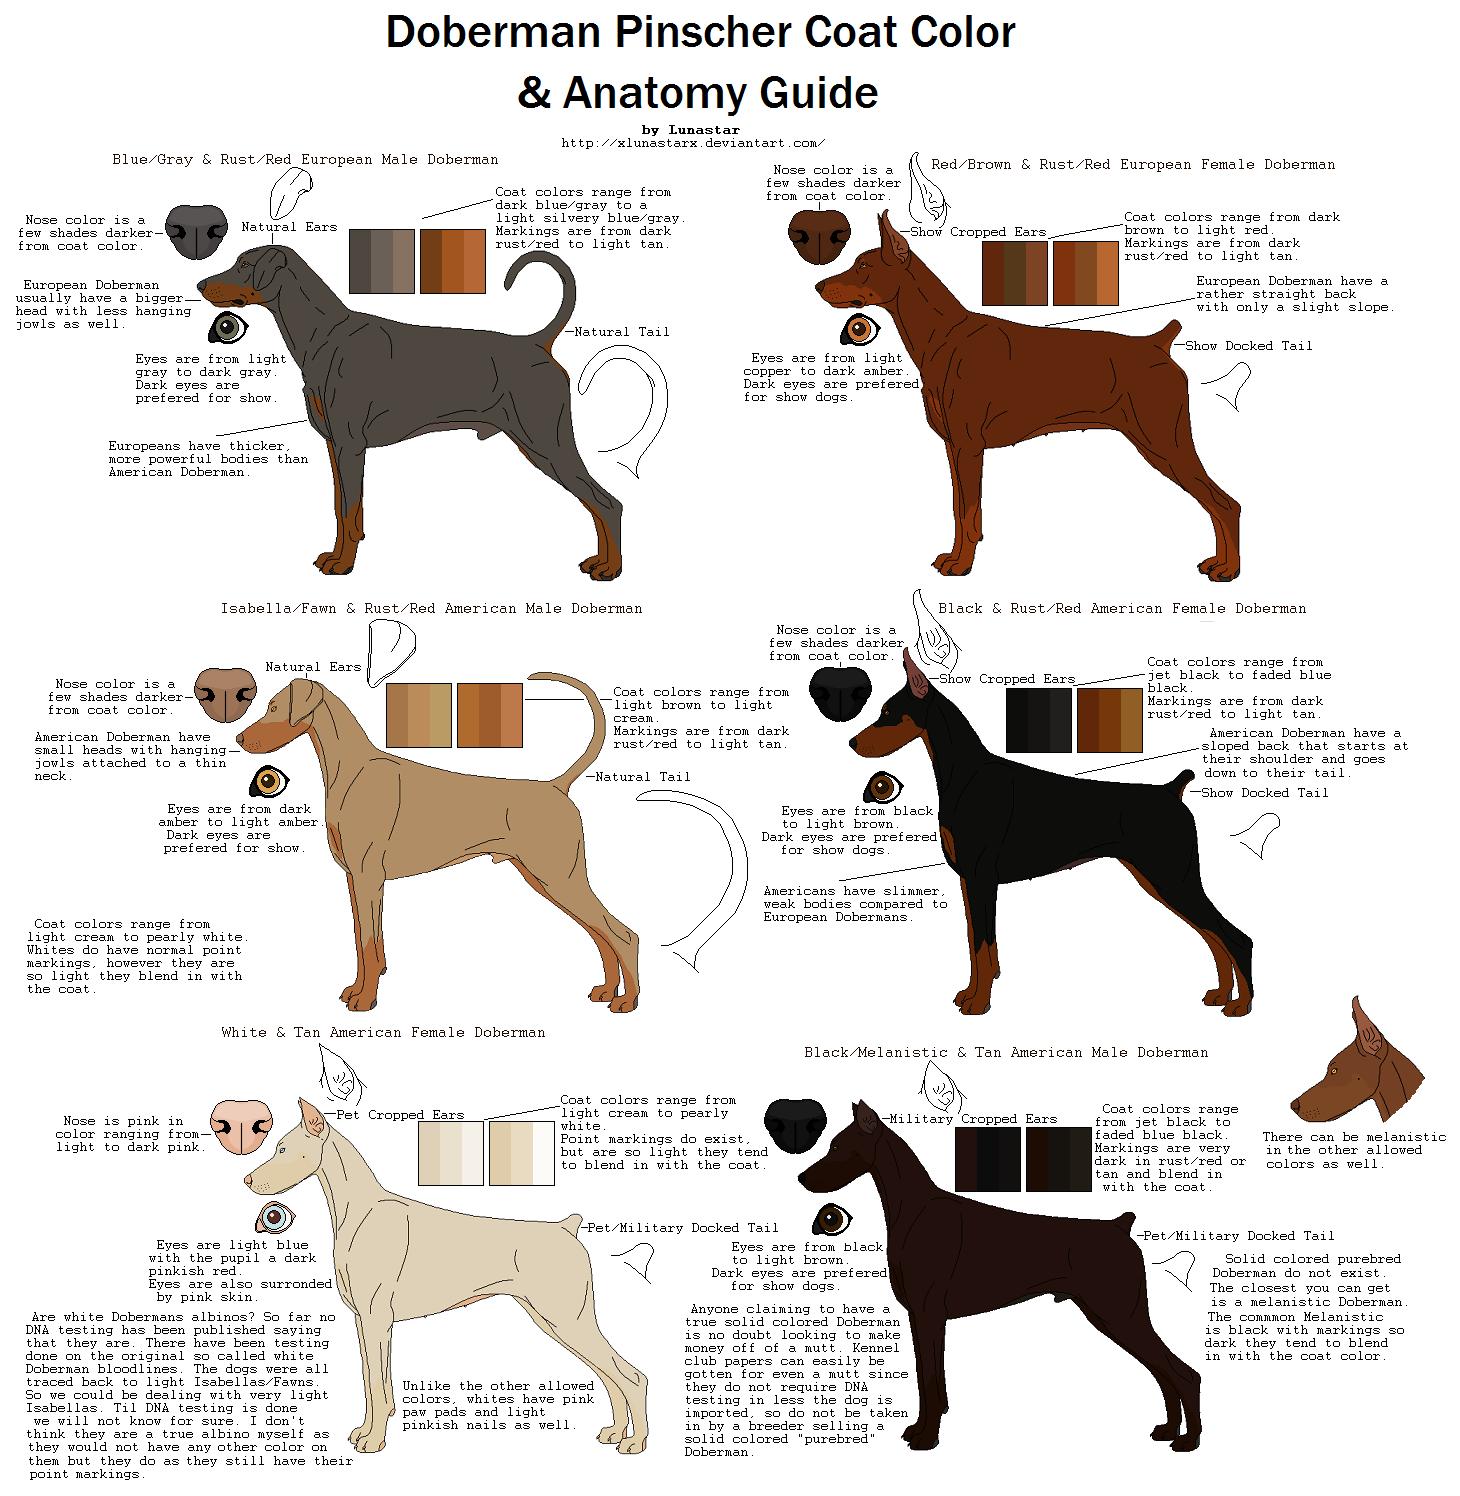 Doberman Pinscher Dog Breed Information | dogs | Pinterest ...